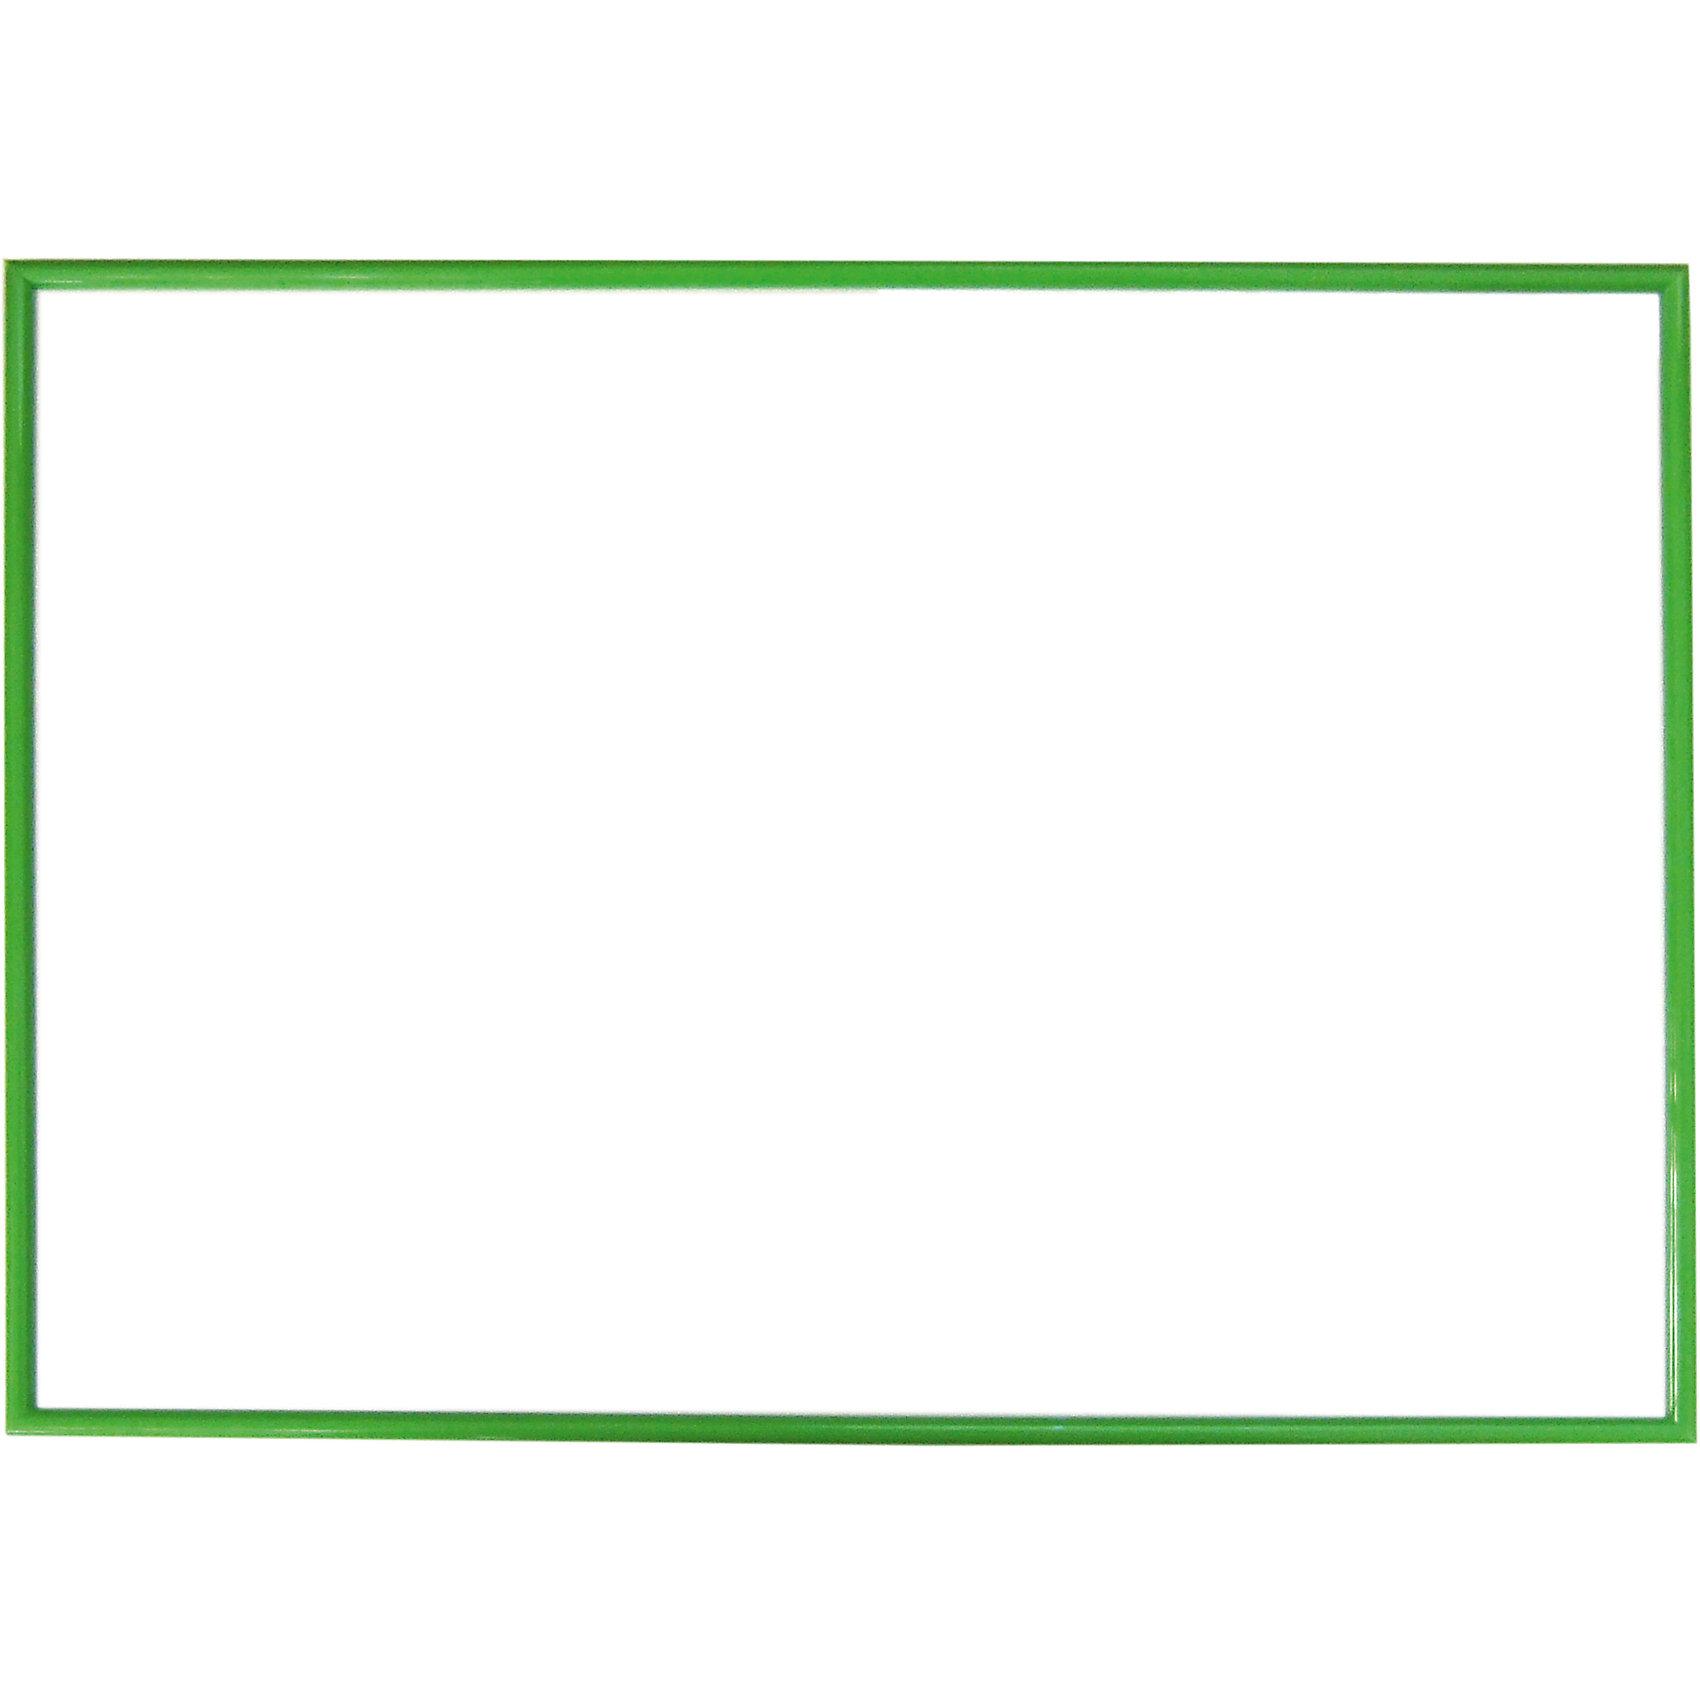 Рамка для пазла 500 деталей, 35х50 см, зеленаяАксессуары для пазлов<br>Рамка для пазла 500 деталей, 35х50 см, зеленая послужит прекрасным дополнением к собранному пазлу и станет эксклюзивным подарком для каждого любителя пазлов! <br><br>Дополнительная информация:<br>-Размер пазла: 35х50 см (500 деталей)<br>-Цвет рамы: зеленый<br>-Материалы: пластик<br>-Ширина профиля: 1 см<br><br>Рамку для пазла 500 деталей, 35х50 см, зеленая можно купить в нашем магазине.<br><br>Ширина мм: 350<br>Глубина мм: 500<br>Высота мм: 20<br>Вес г: 300<br>Возраст от месяцев: 72<br>Возраст до месяцев: 192<br>Пол: Унисекс<br>Возраст: Детский<br>SKU: 4244025